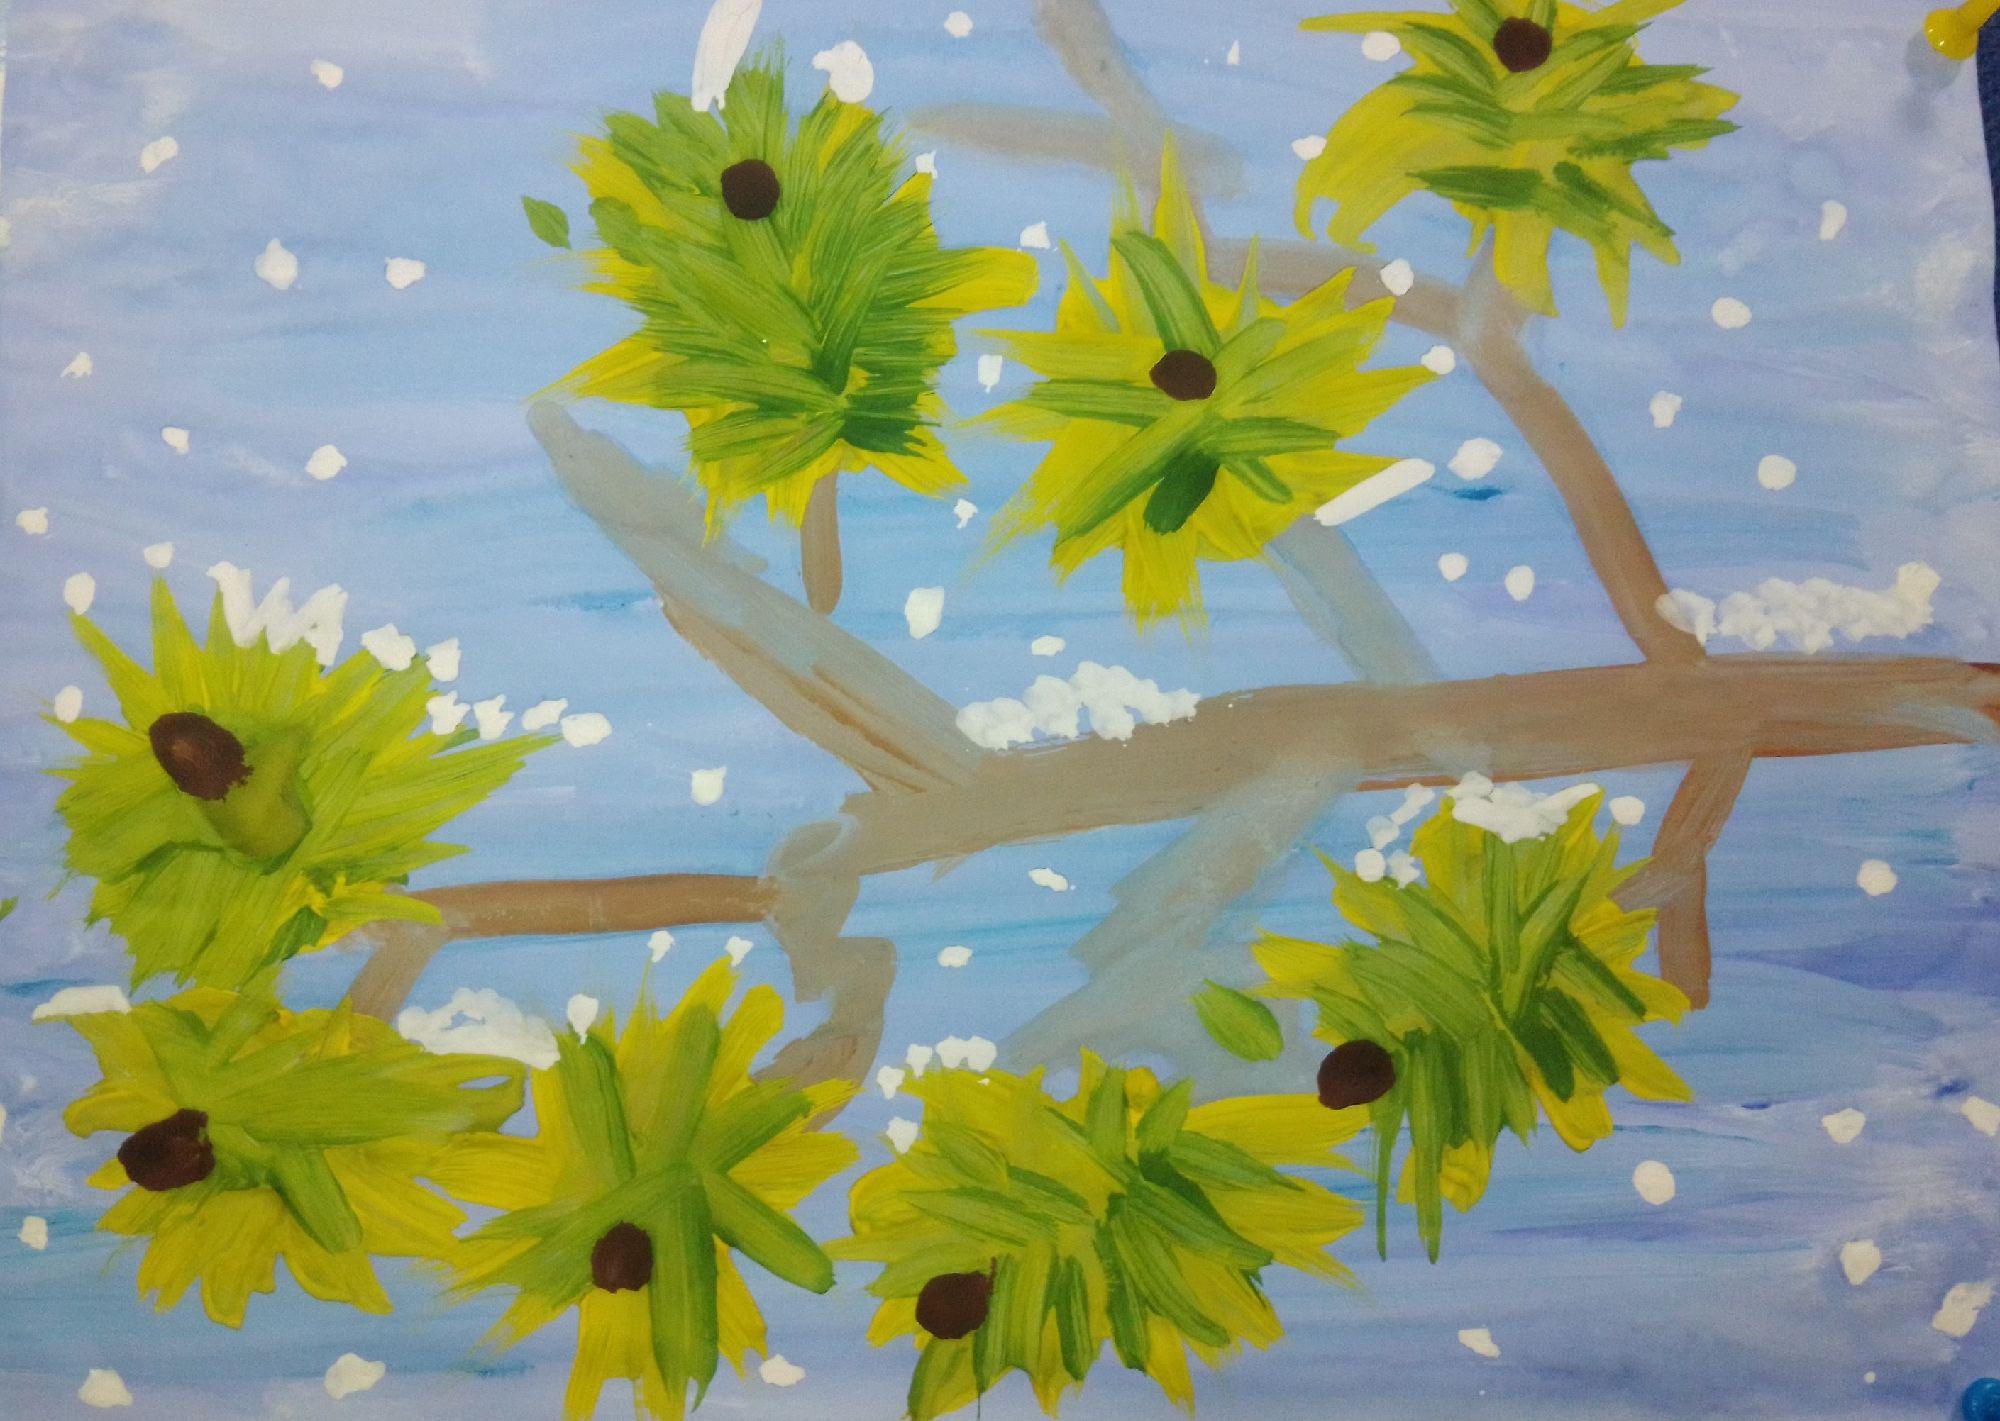 """Рисунок для школьной выставки с той самой """"Территории творчества"""" . По-моему для 7-летнего мальчика не увлекающегося ранее рисованием - очень даже неплохо!"""